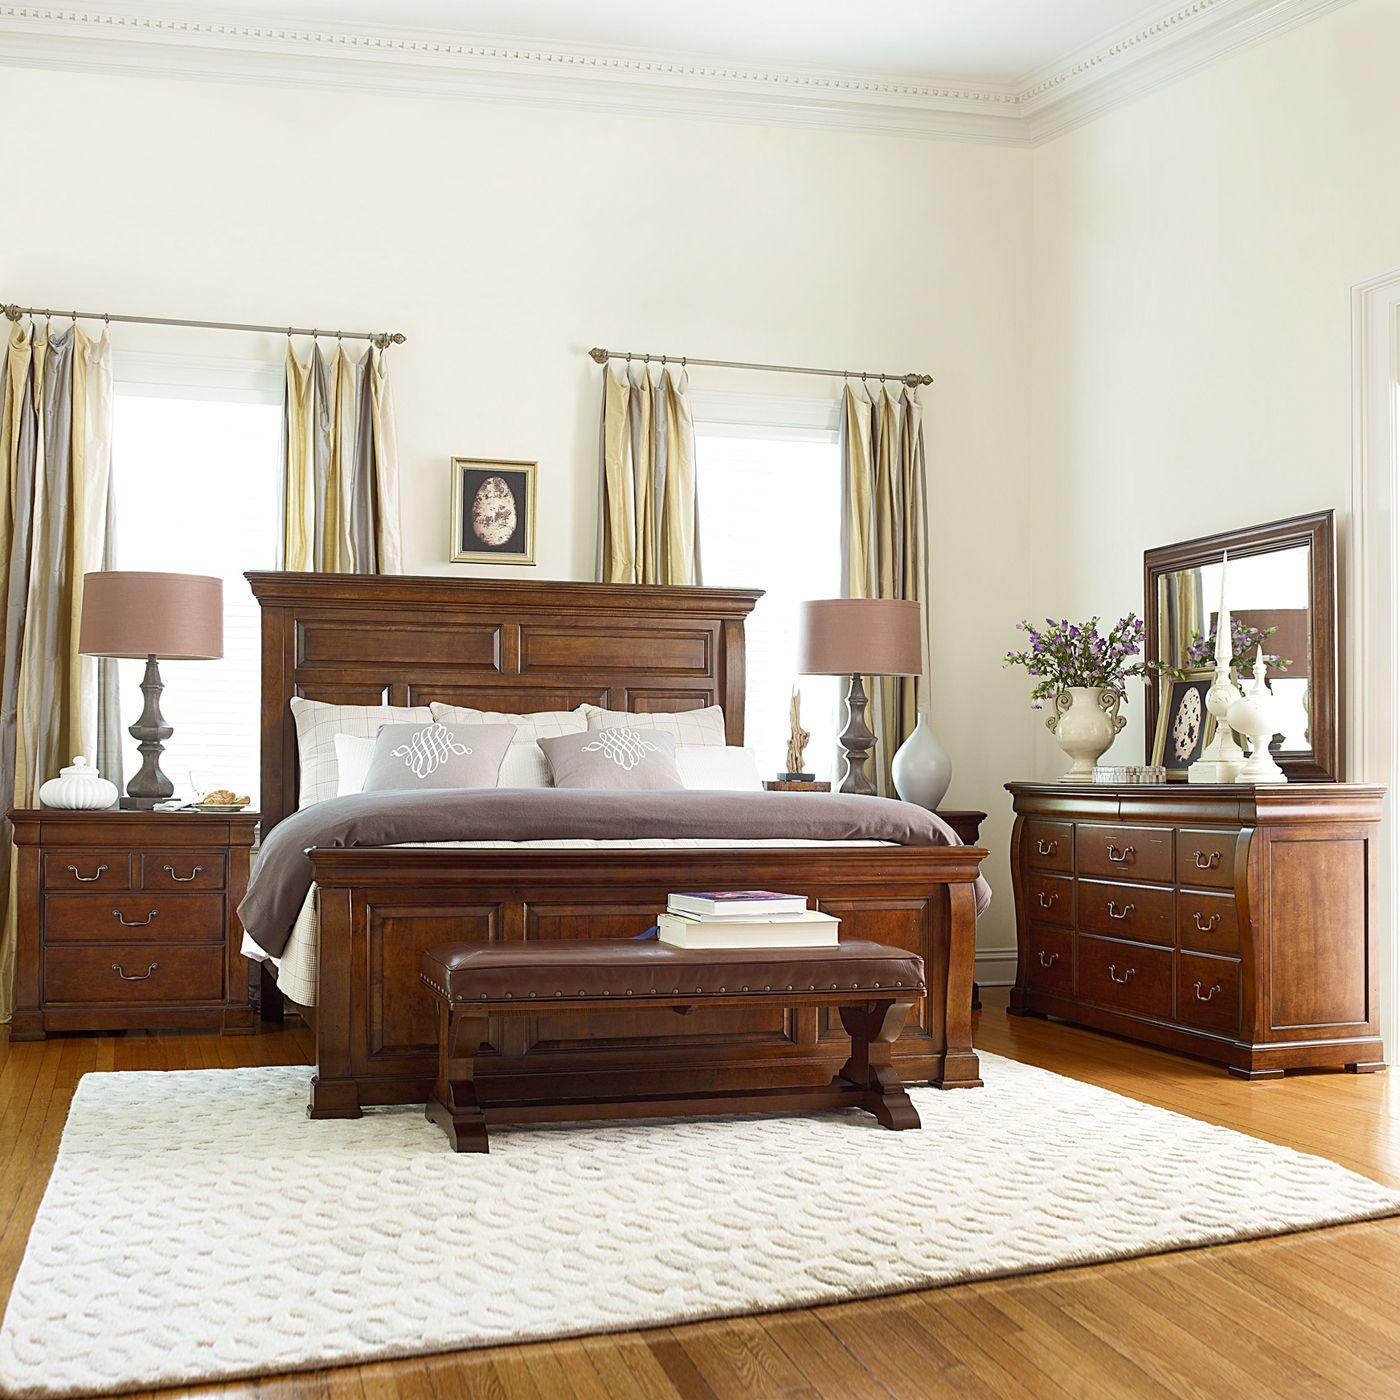 American Drew Laurel Springs High Meadows Panel Bed